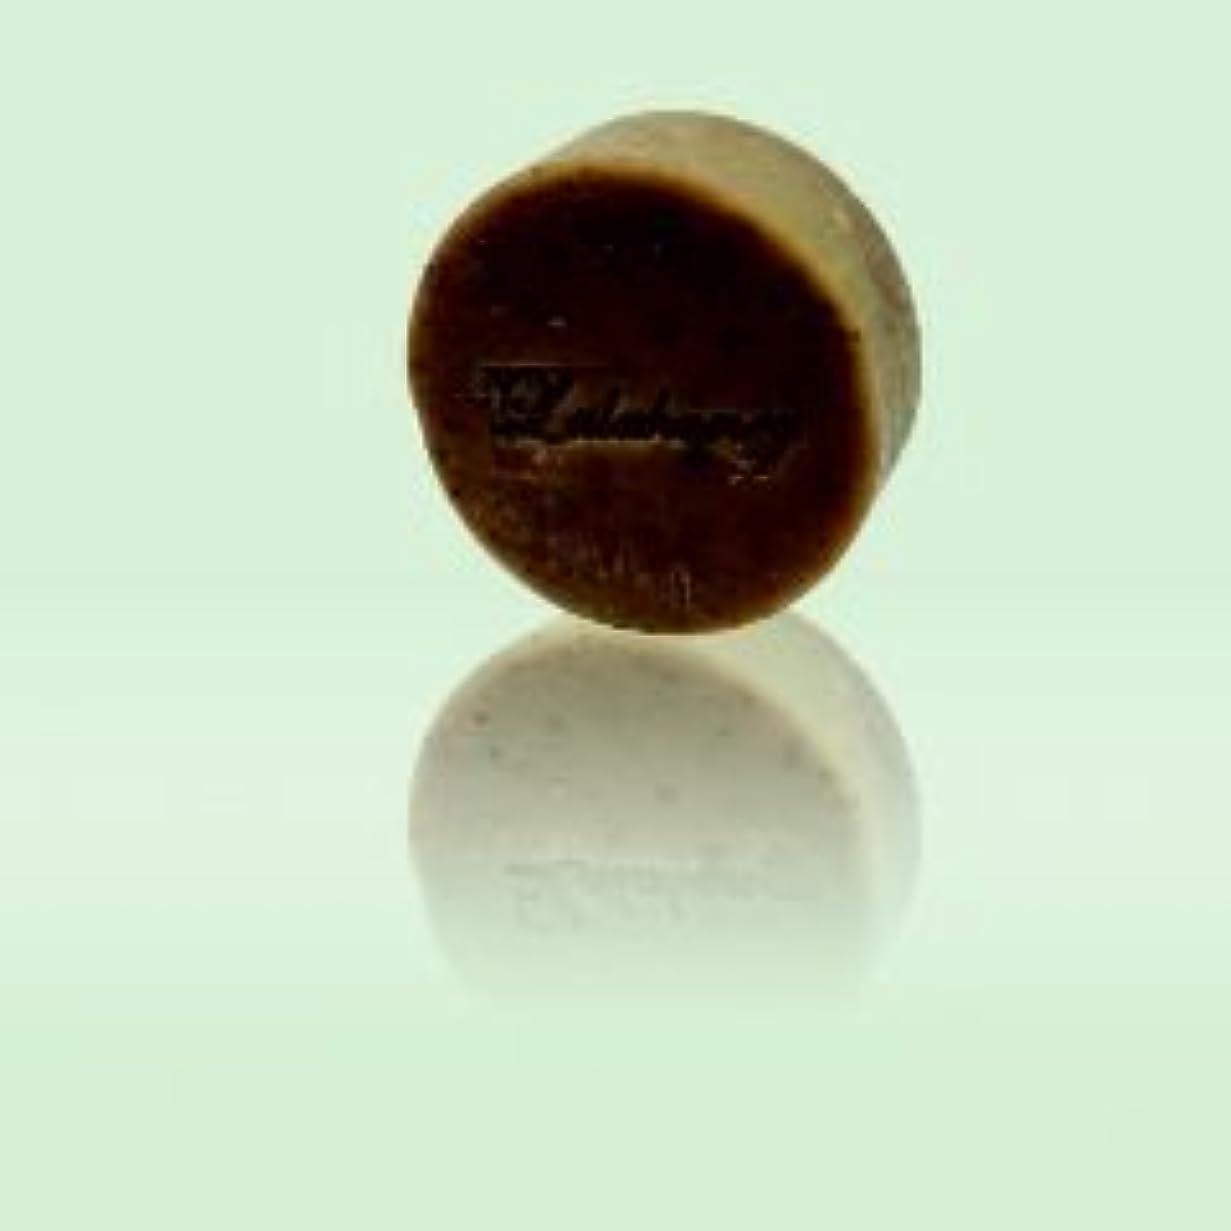 緊張憎しみ飛躍LALAHONEY 石鹸〈チョコレート&オレンジ〉80g【手作りでシンプルなコールドプロセス製法】